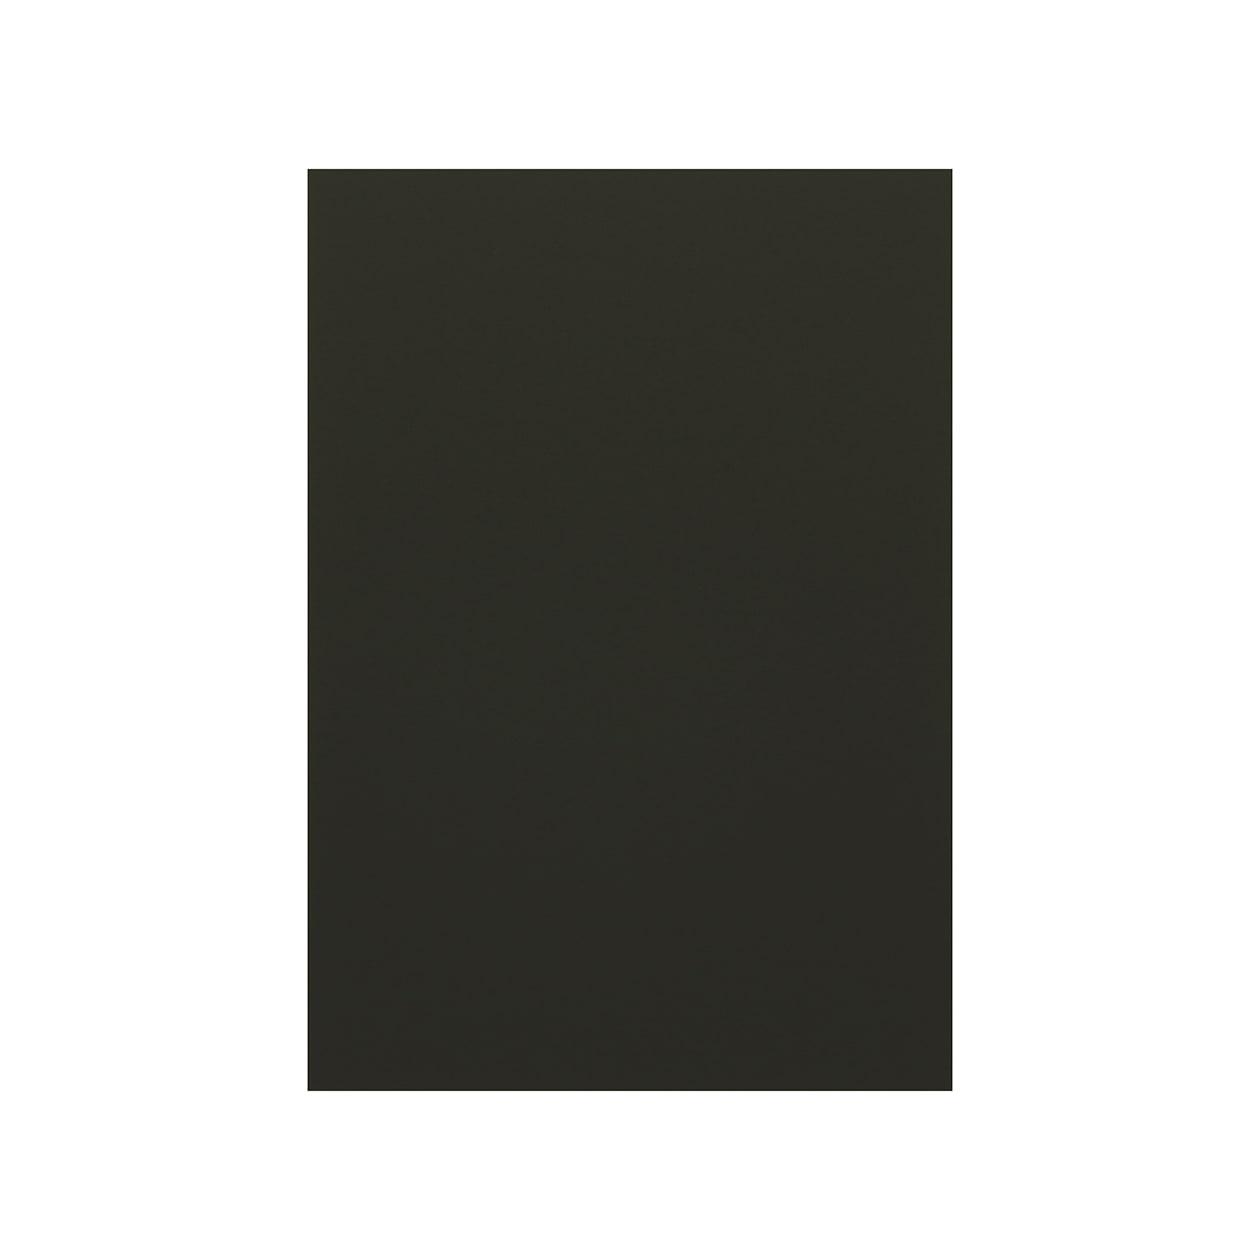 Pカード Colors マットブラック 290g